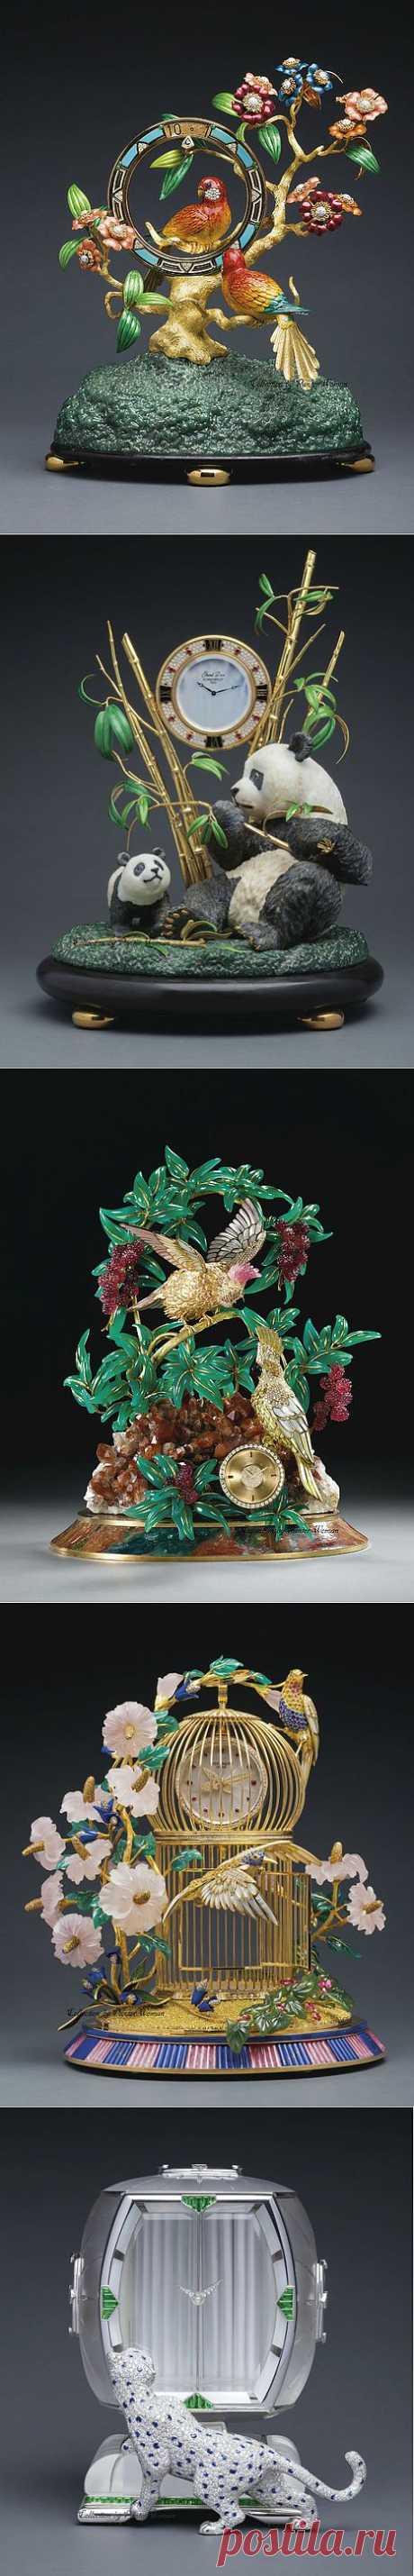 Декоративные часы 19 века. Антиквариат